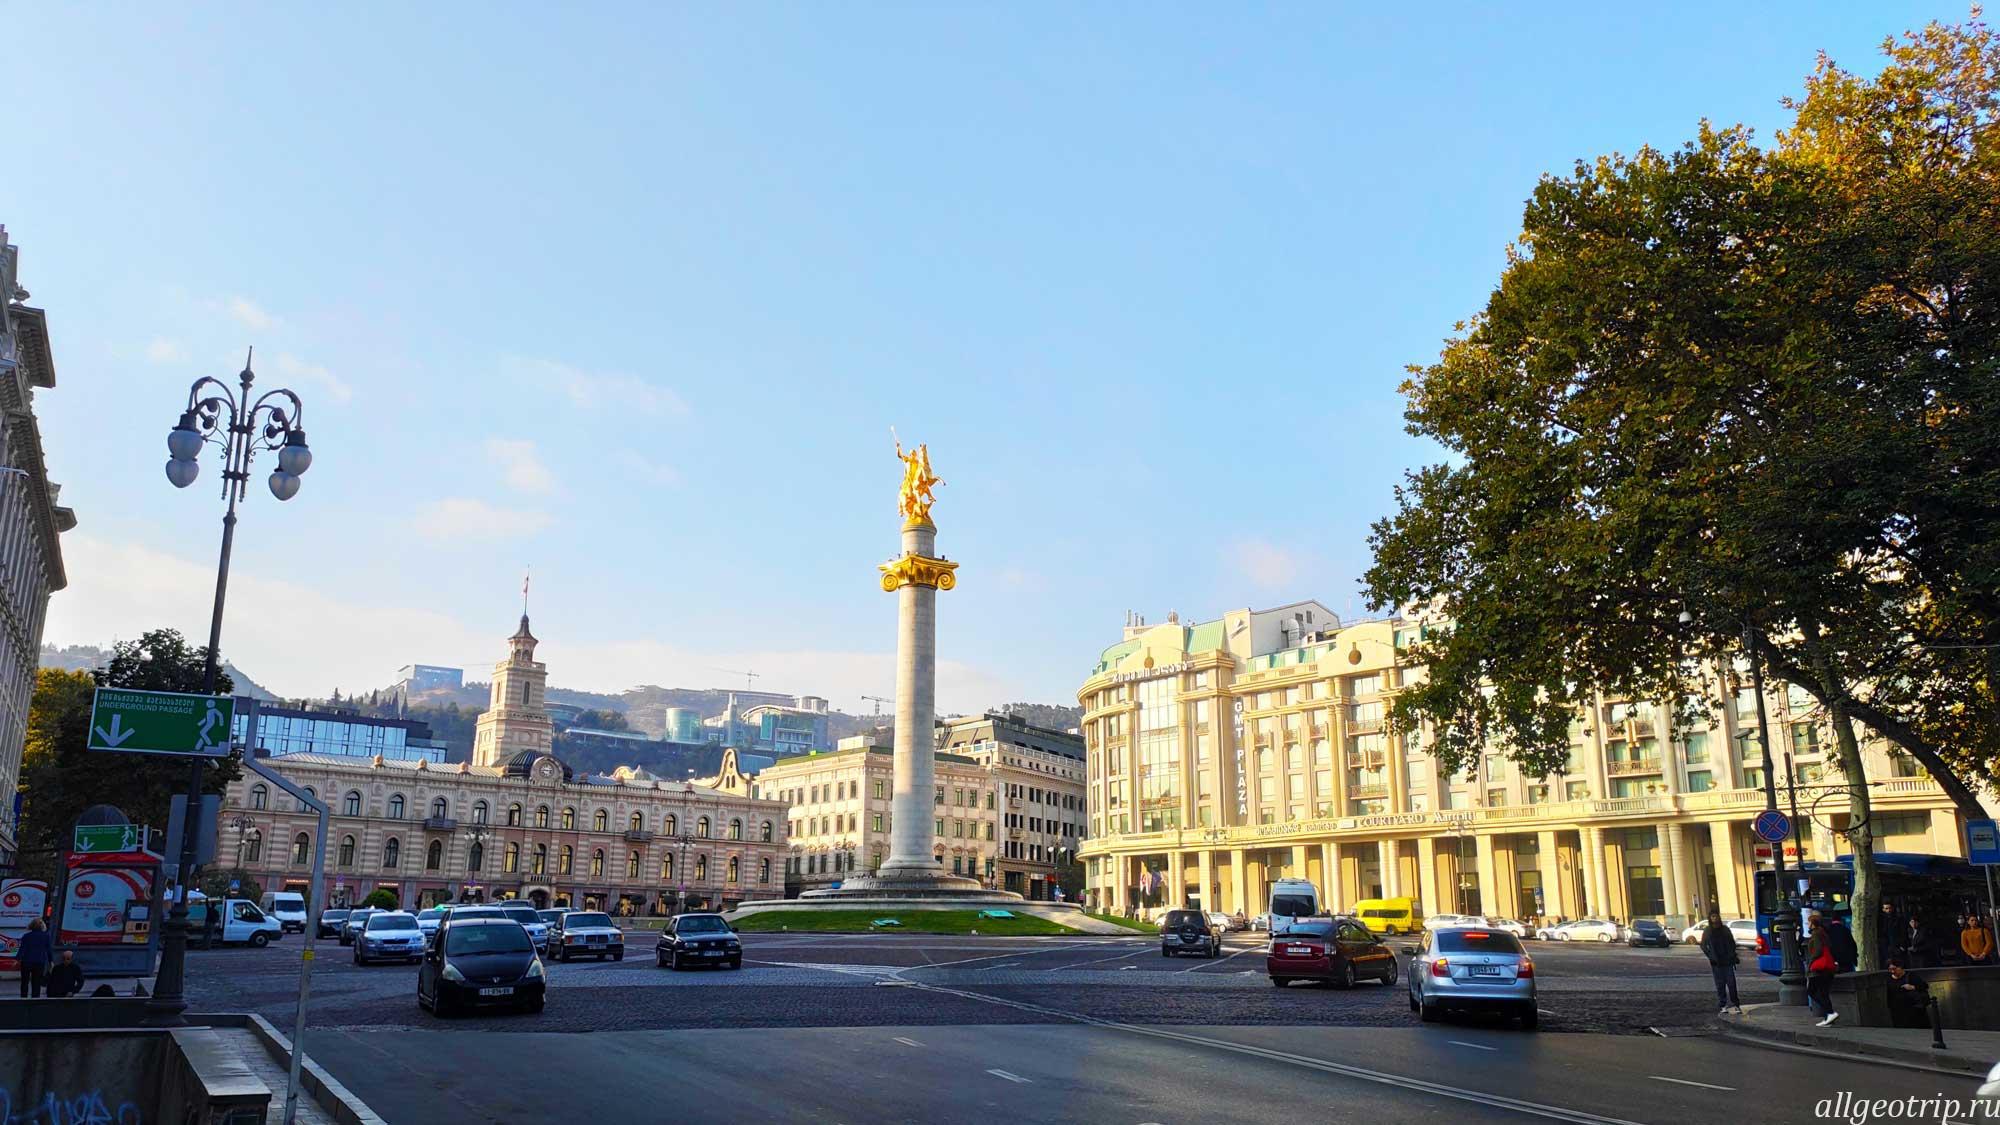 Достопримечательности Тбилиси площадь Свободы